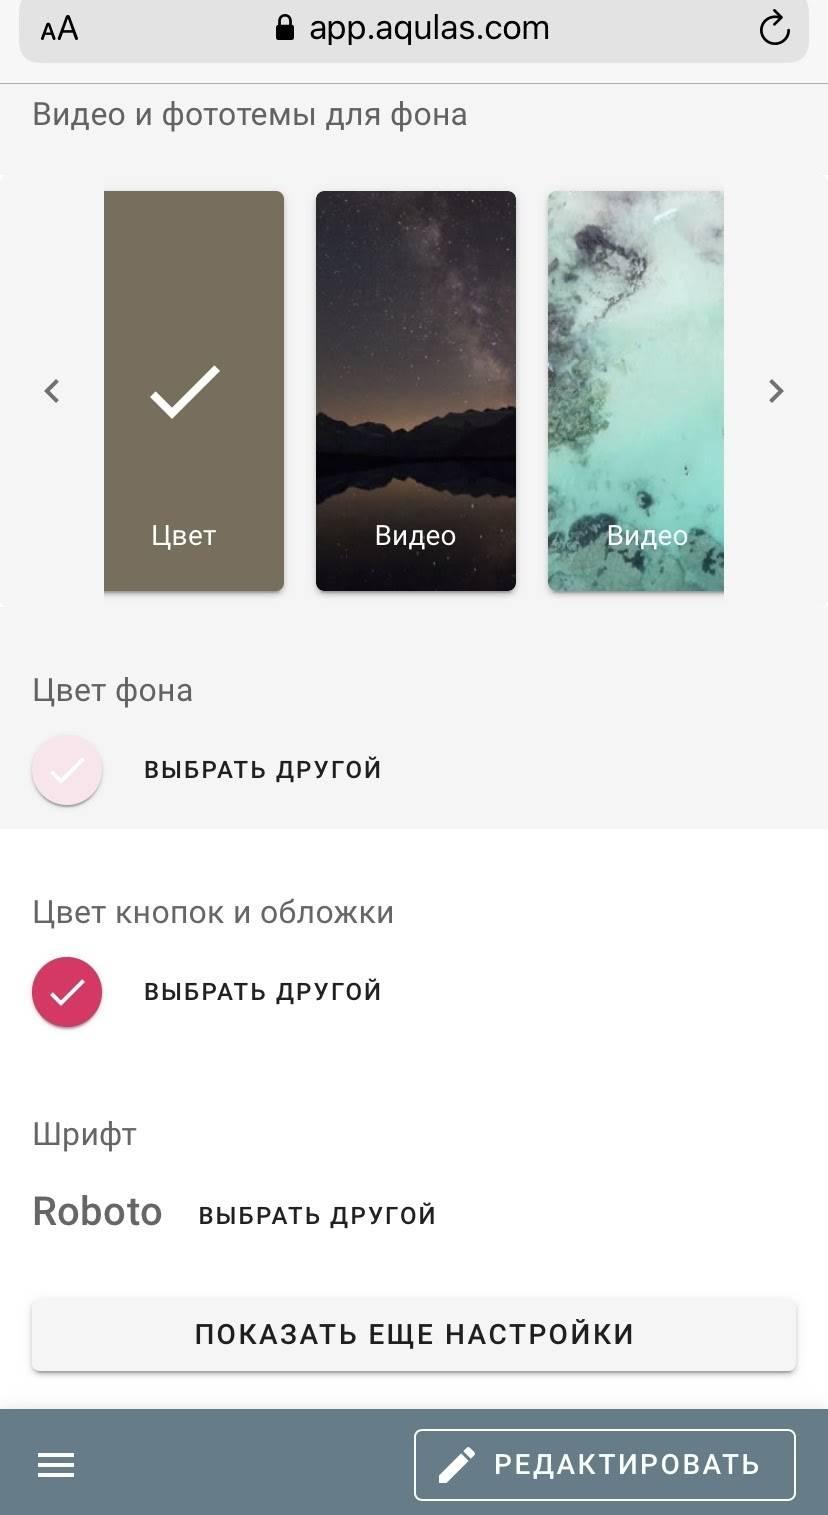 Мультиссылка в инстаграм: бесплатно и платно. 10 сервисов мультиссылок | postium